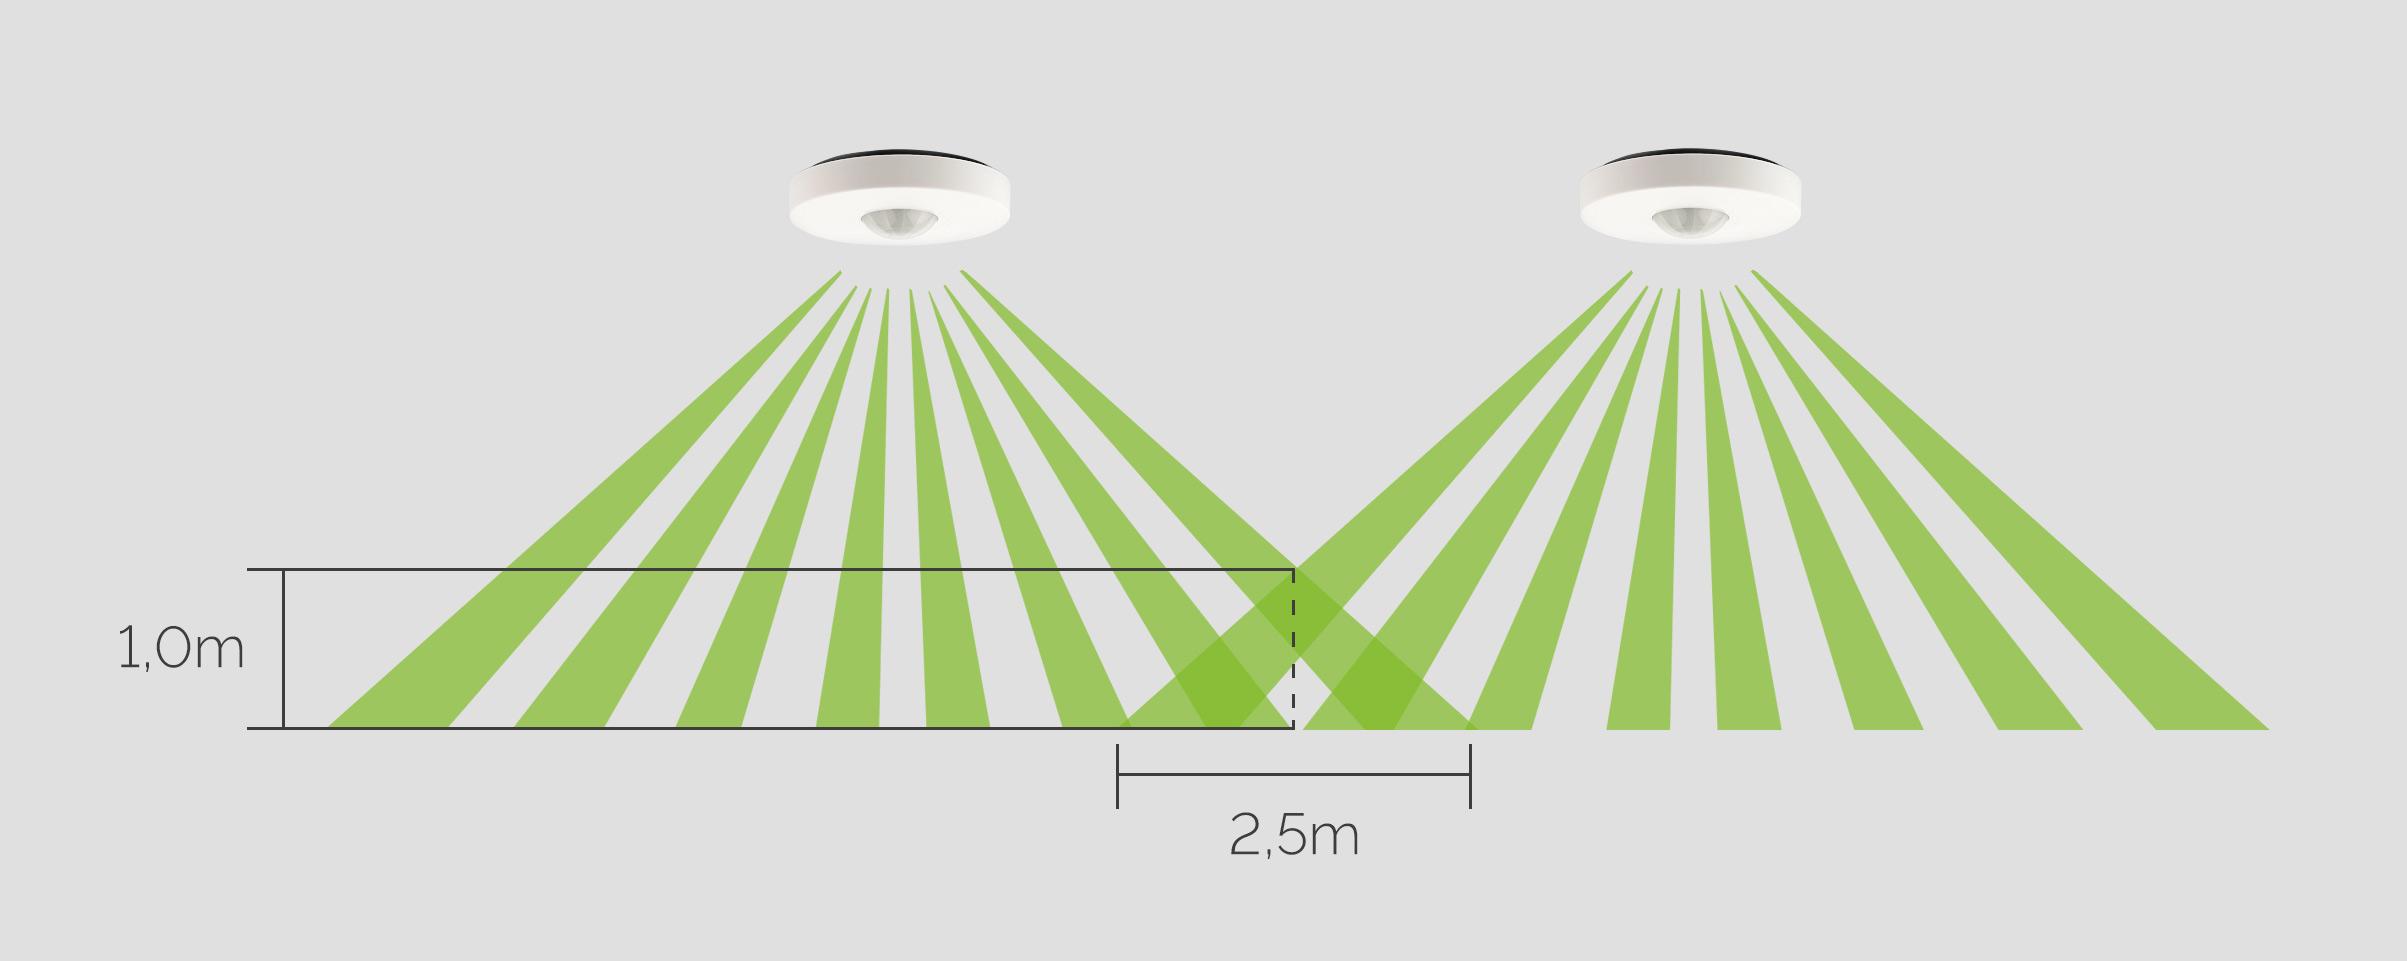 Loxone_Motion-Sensor-Detektierungsbereich_3.jpg